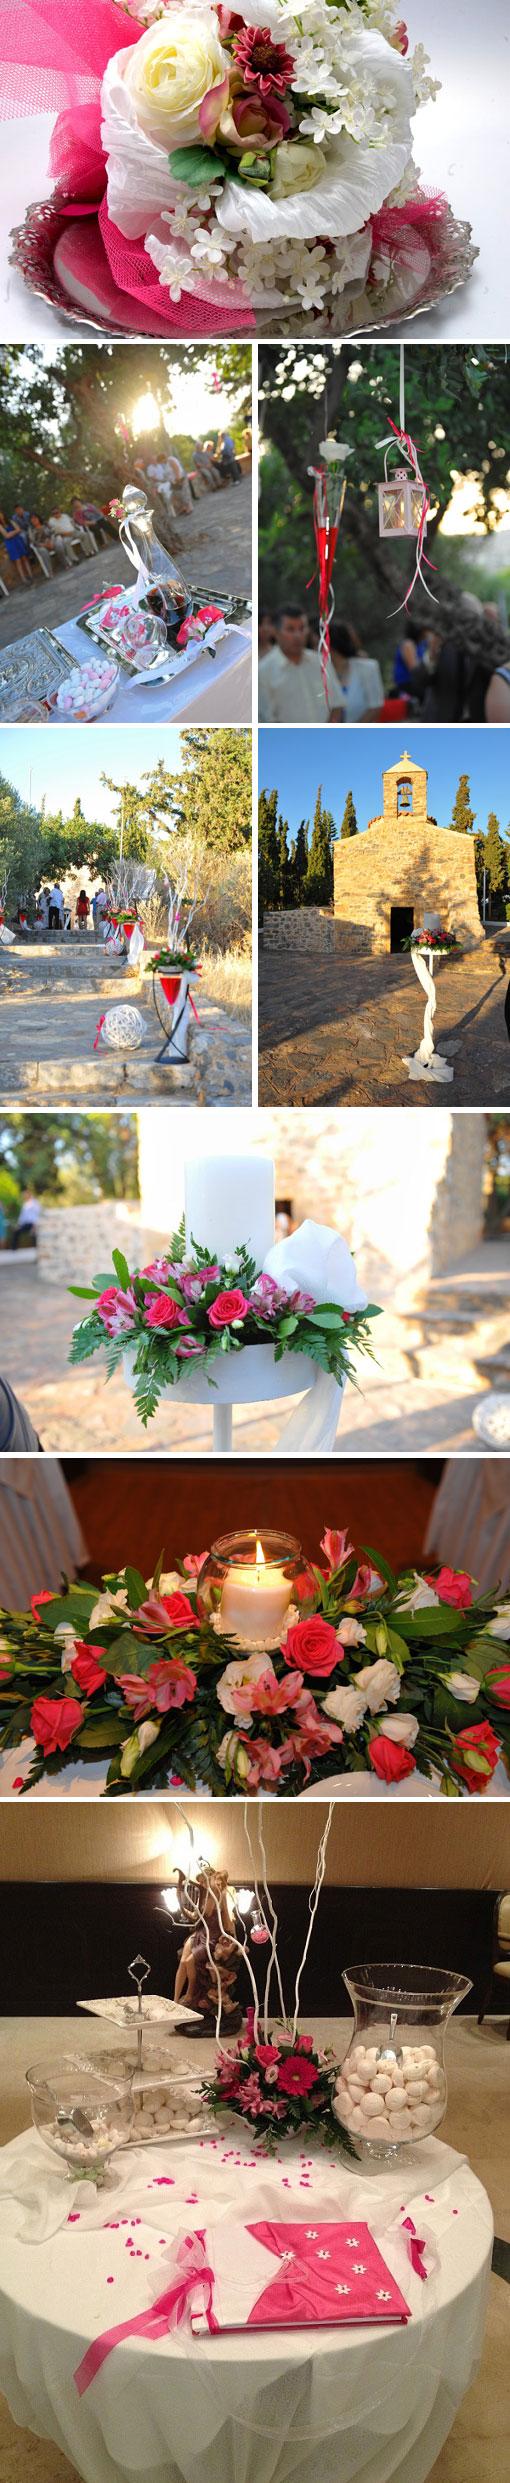 Η διακόσμηση του γάμου σε χρώμα ματζέντα